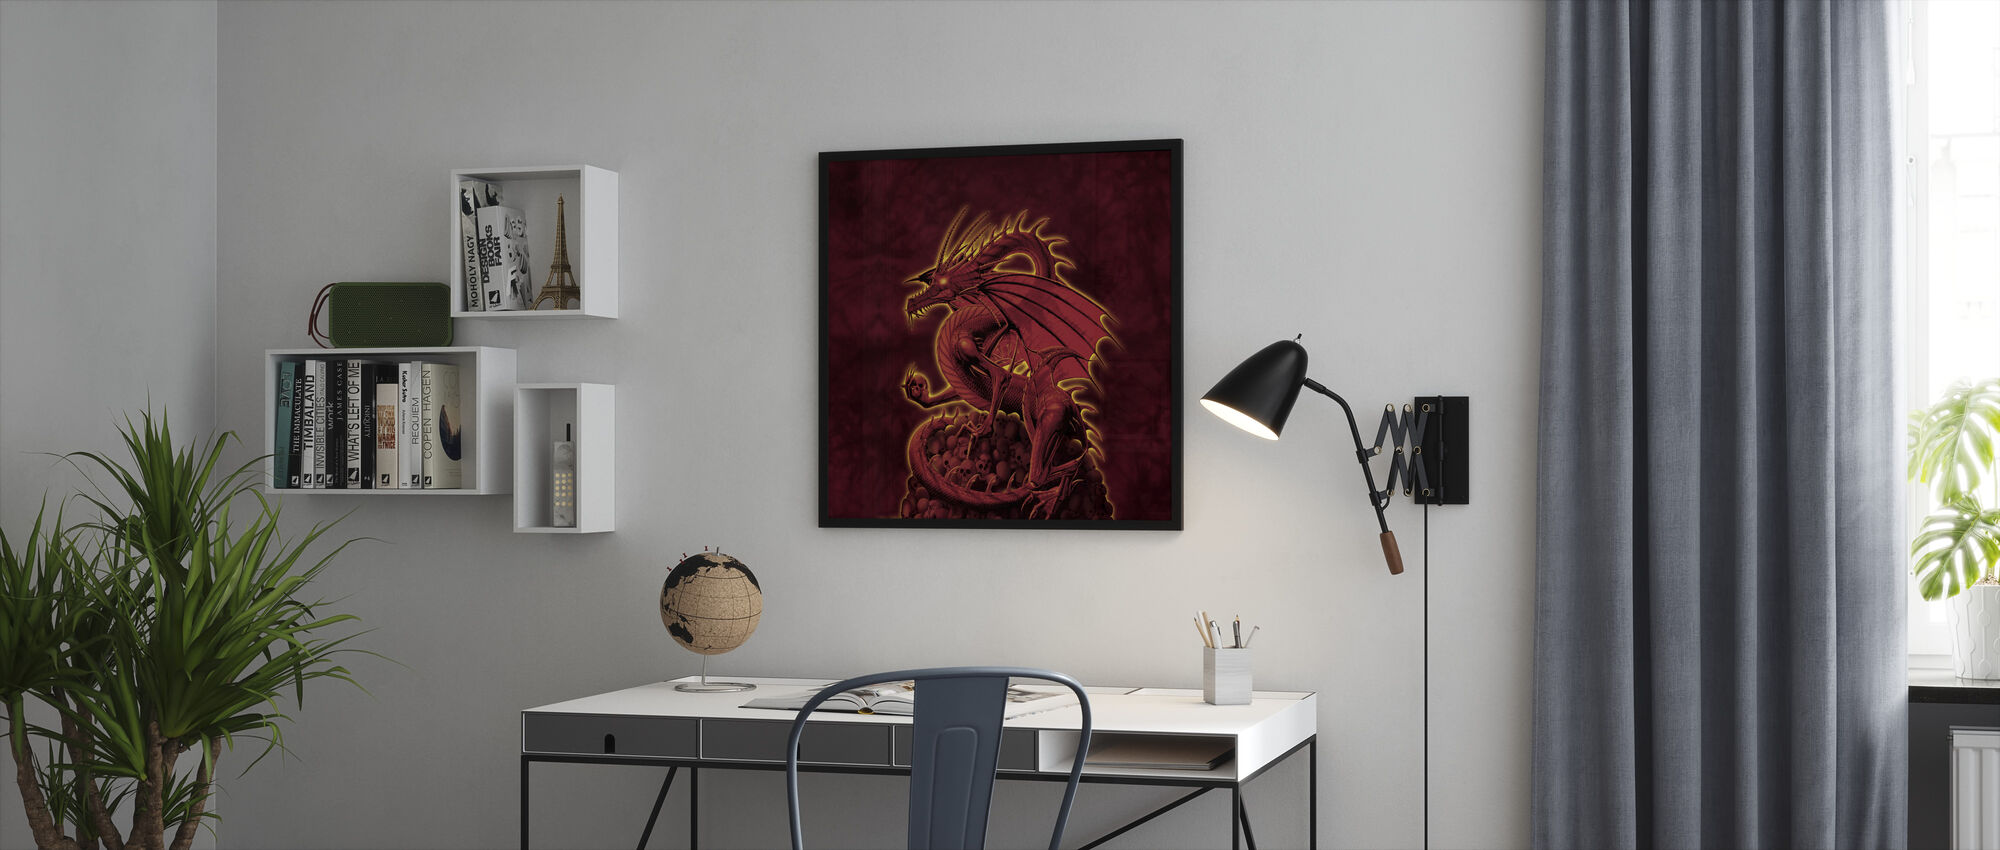 Bolisher punainen versio - Kehystetty kuva - Toimisto